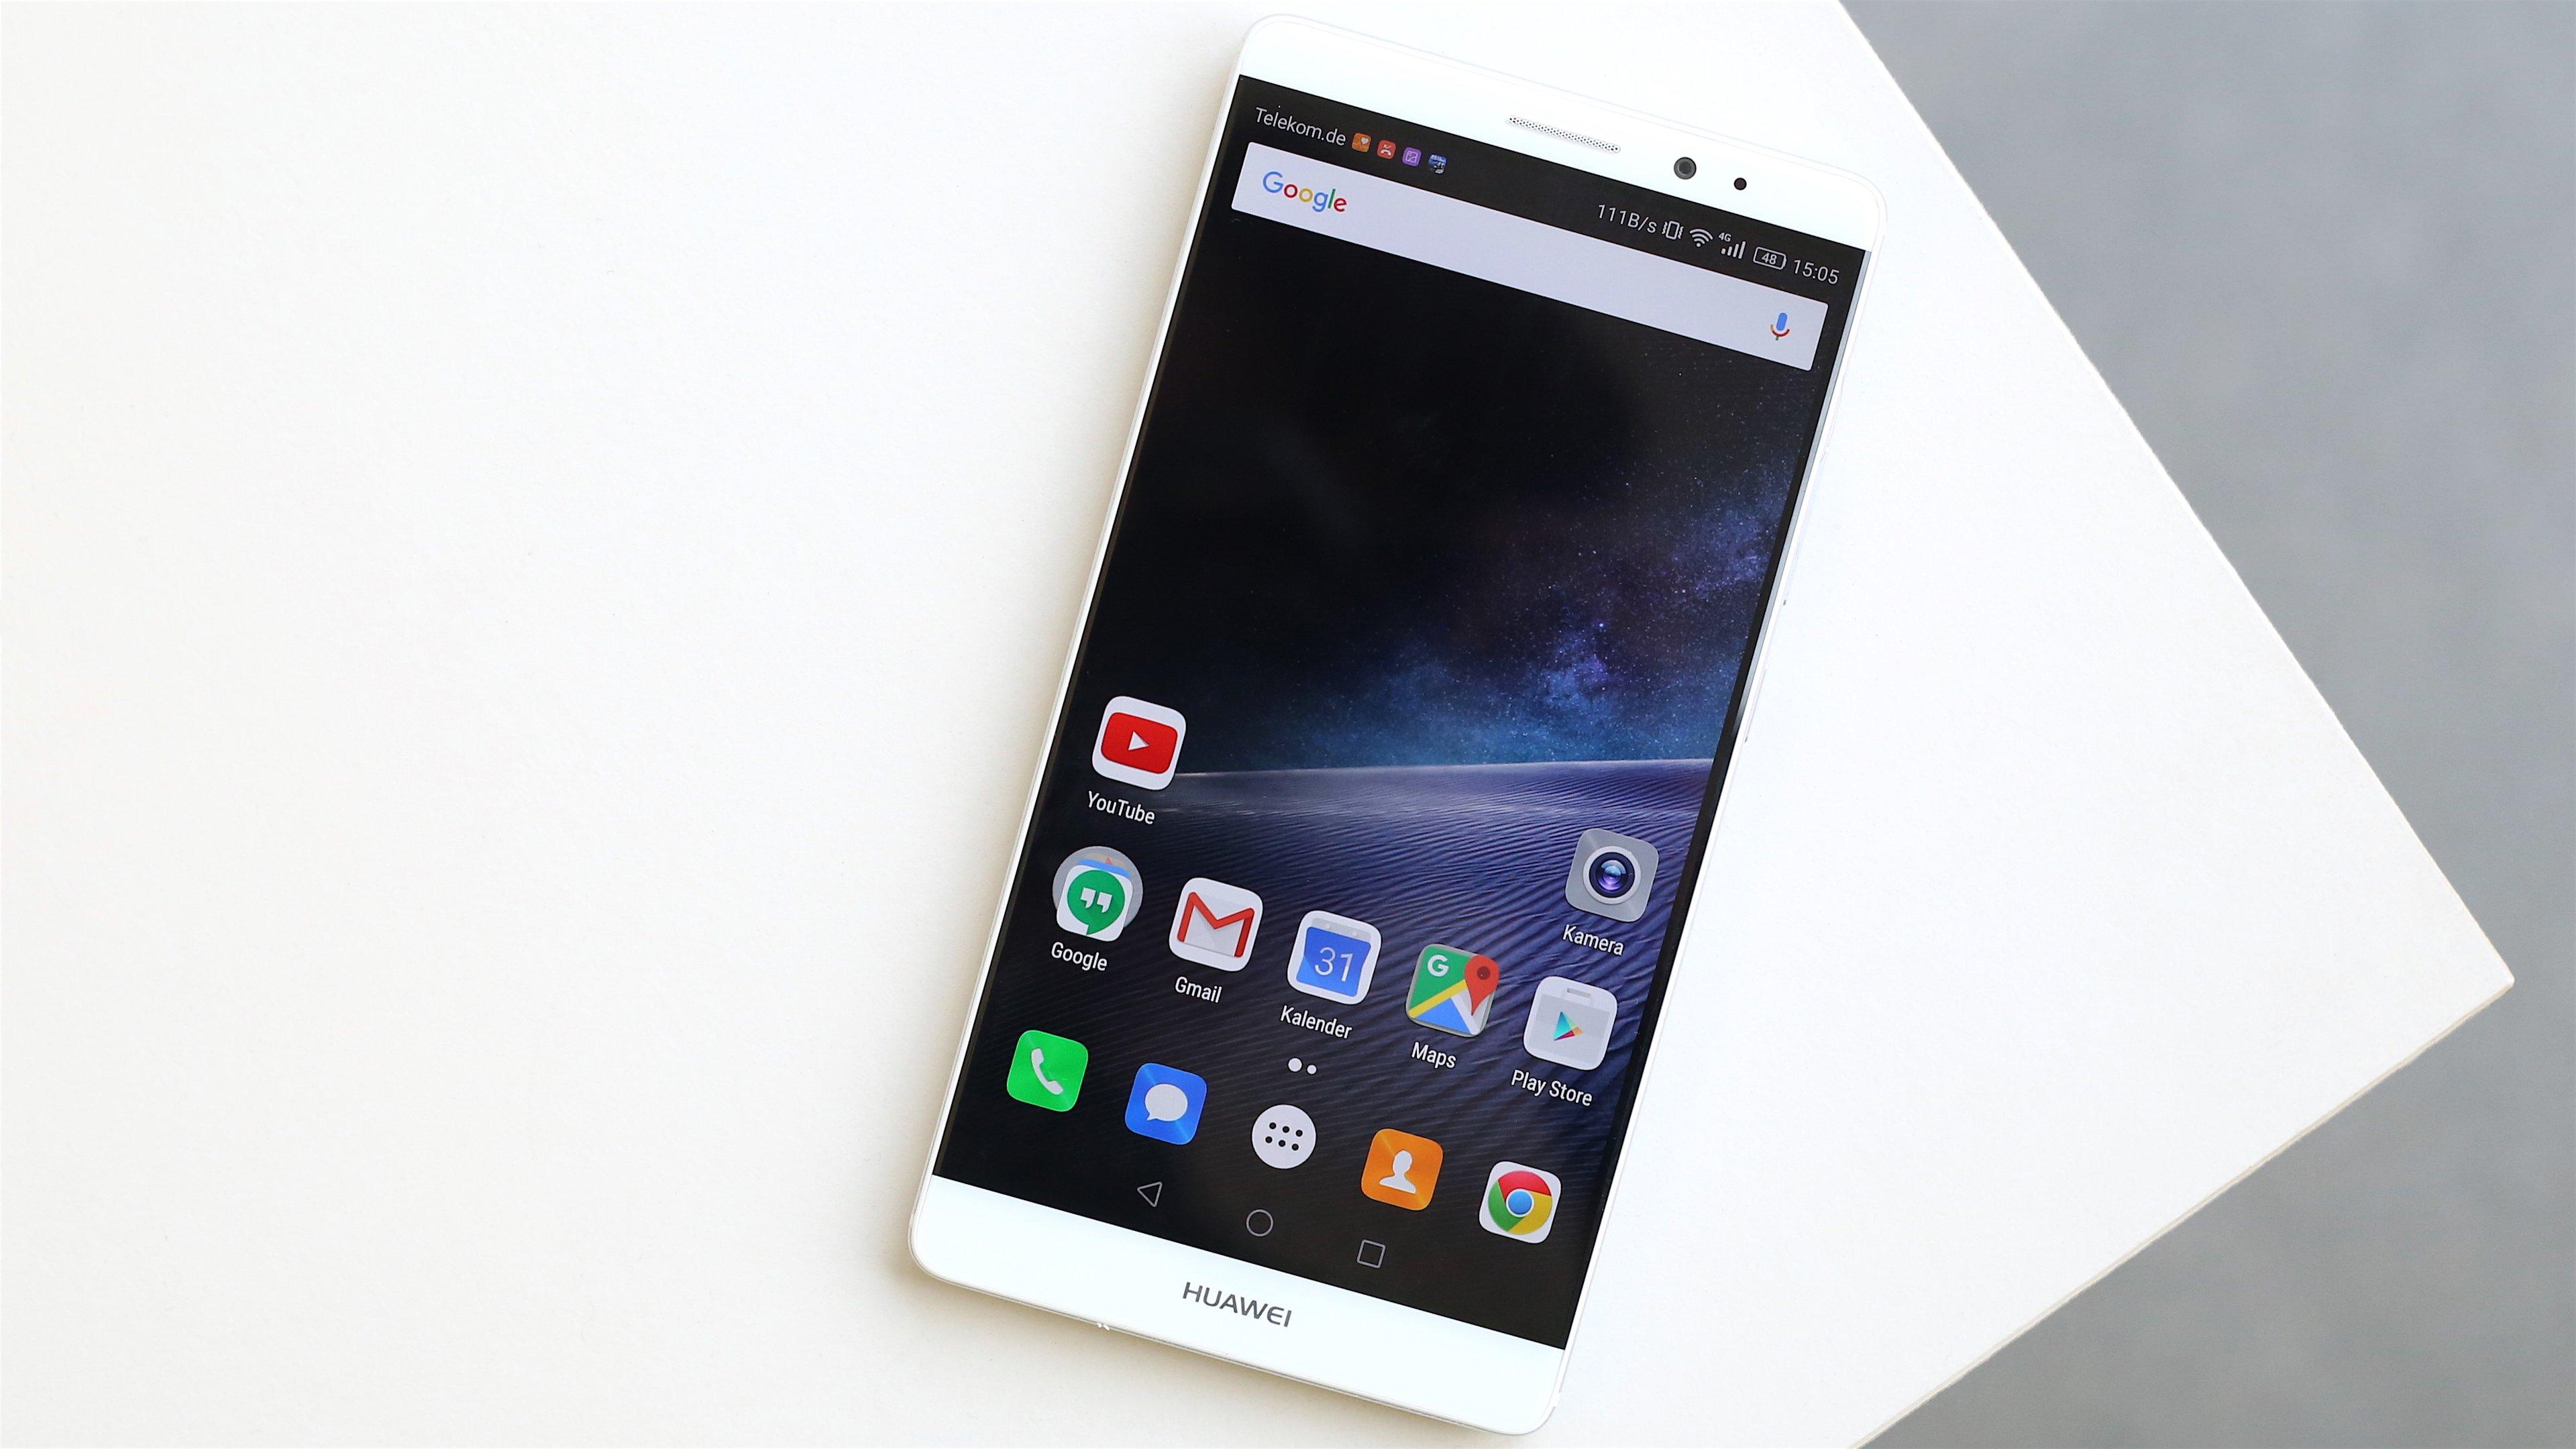 Review do Huawei Mate 8: O phablet quase perfeito ...